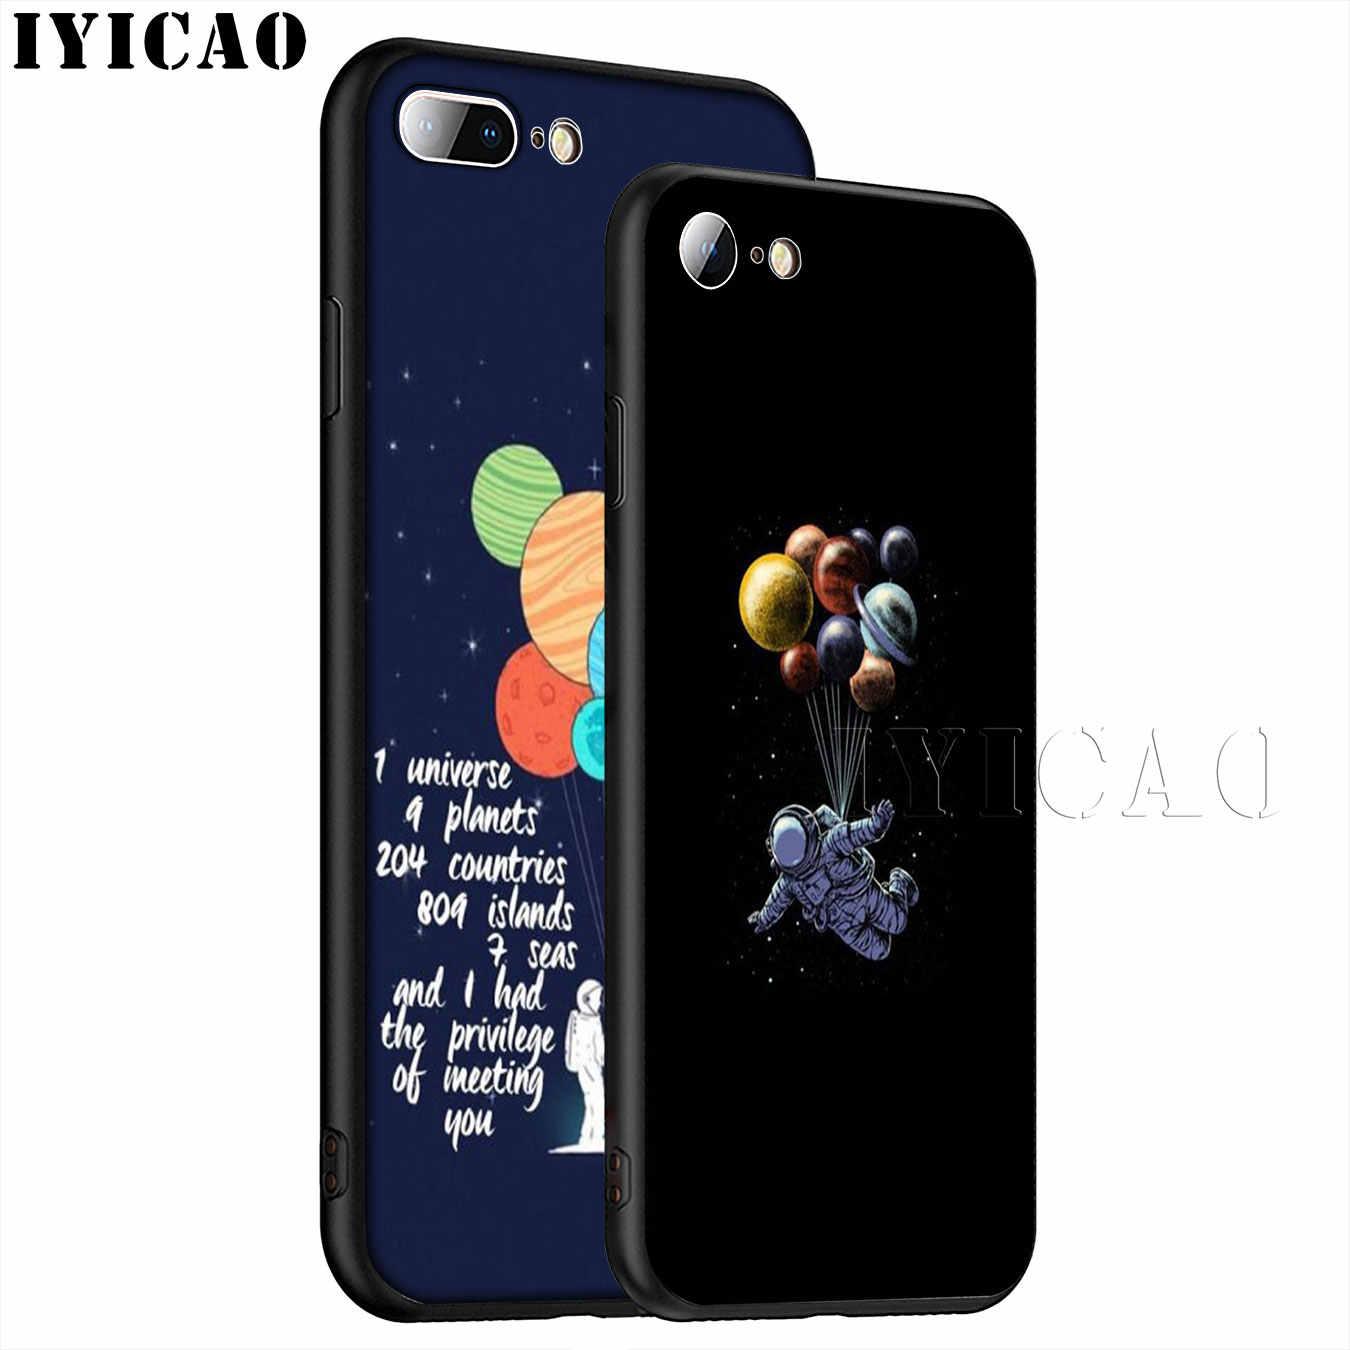 رائد الفضاء الكواكب نجوم كوزموس أفضل لينة سيليكون الهاتف حقيبة لهاتف أي فون XR X XS 11 برو ماكس 6 6S 7 8 Plus 5 5s SE 10 غطاء